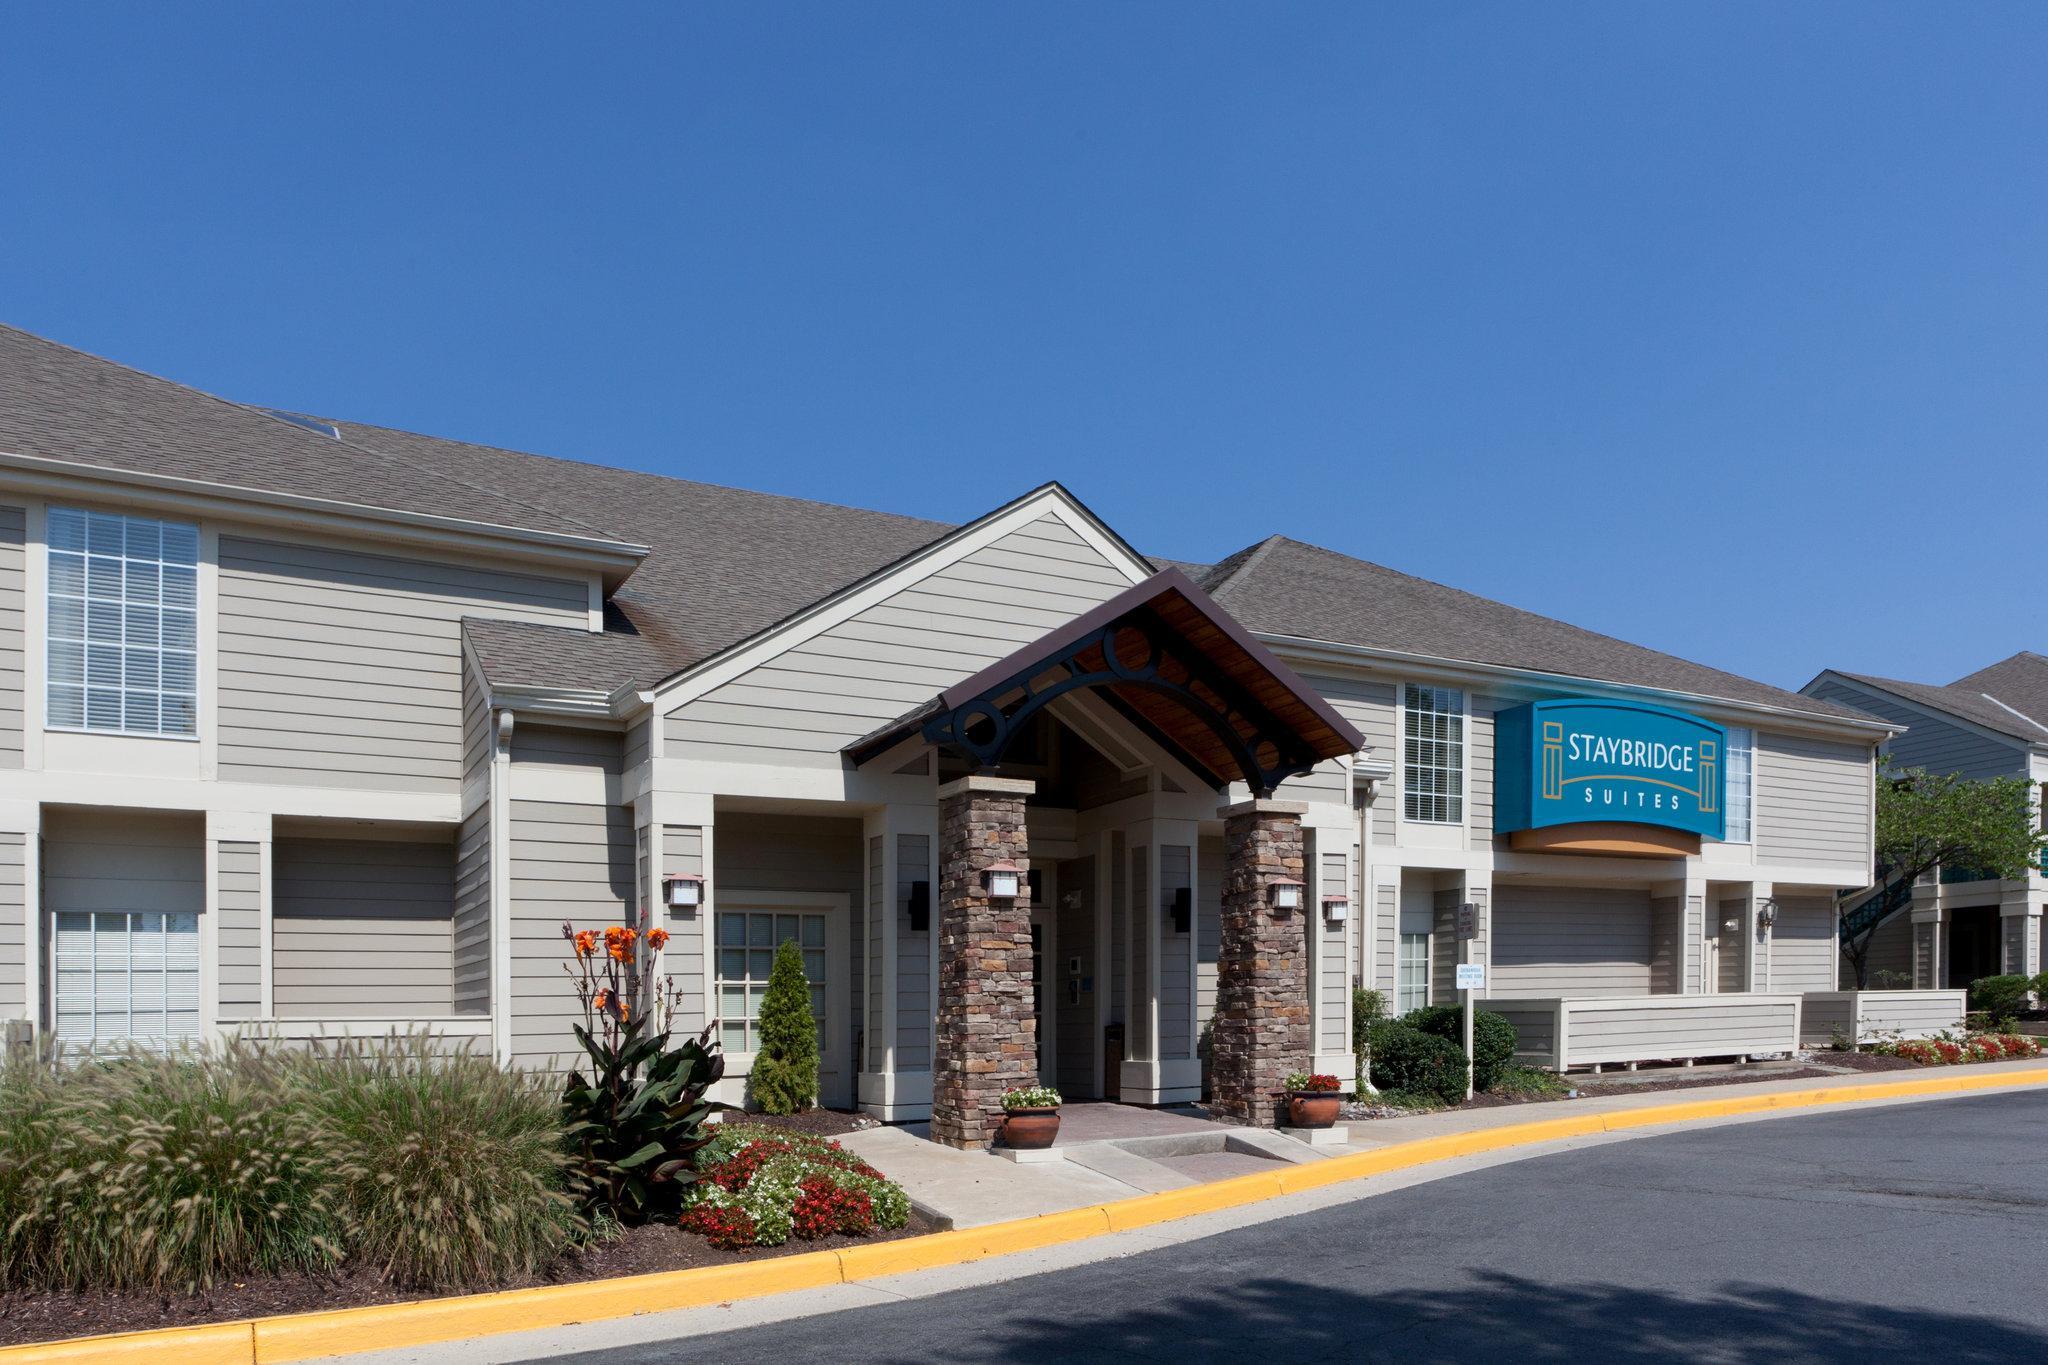 Staybridge Suites Dulles